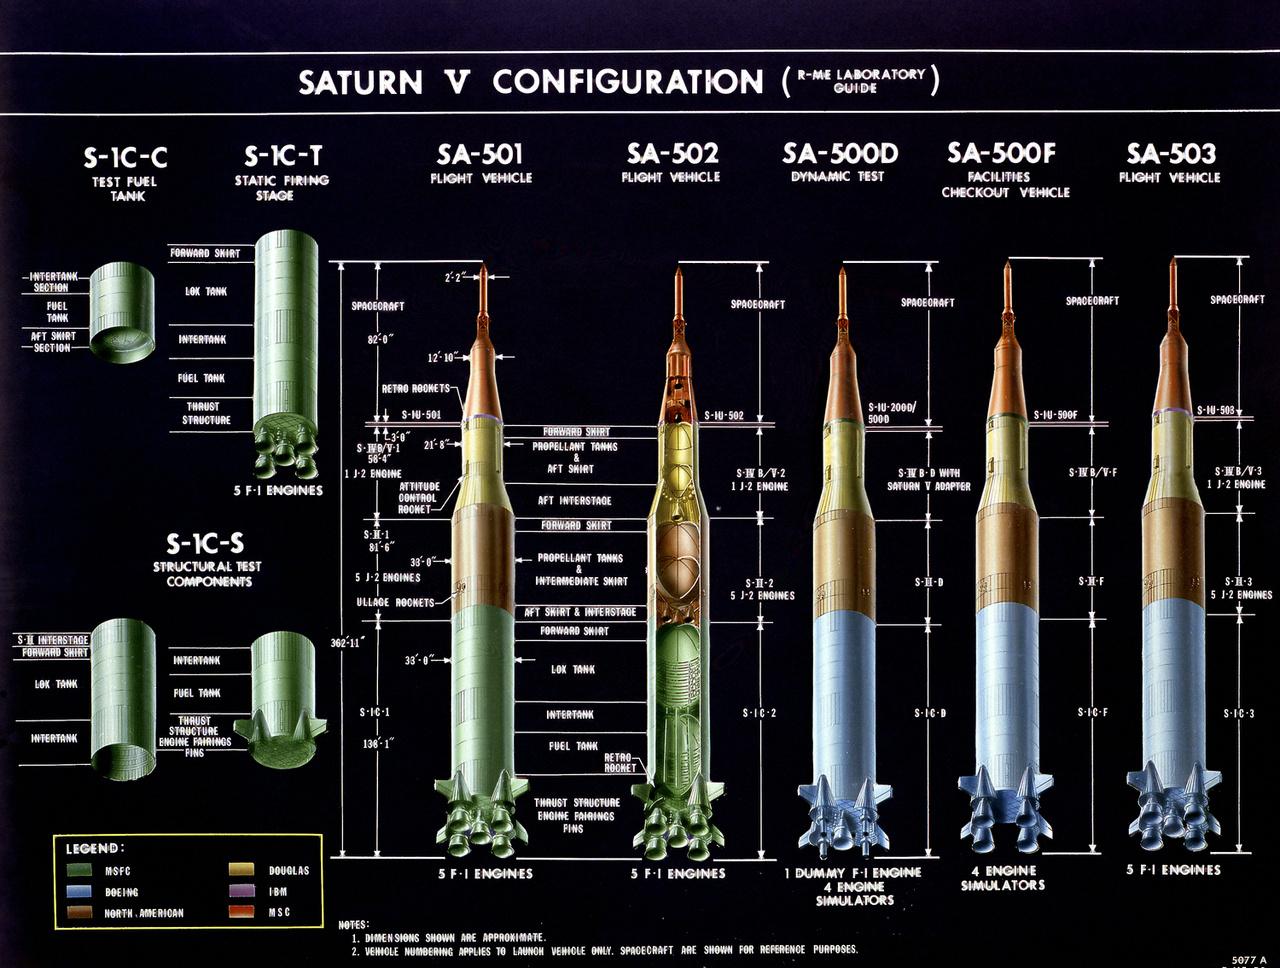 1965-ös illusztráció az első Saturn-V-ös rakétákról (köztük két röpképtelen tesztmodell, az SA-500D és -F).